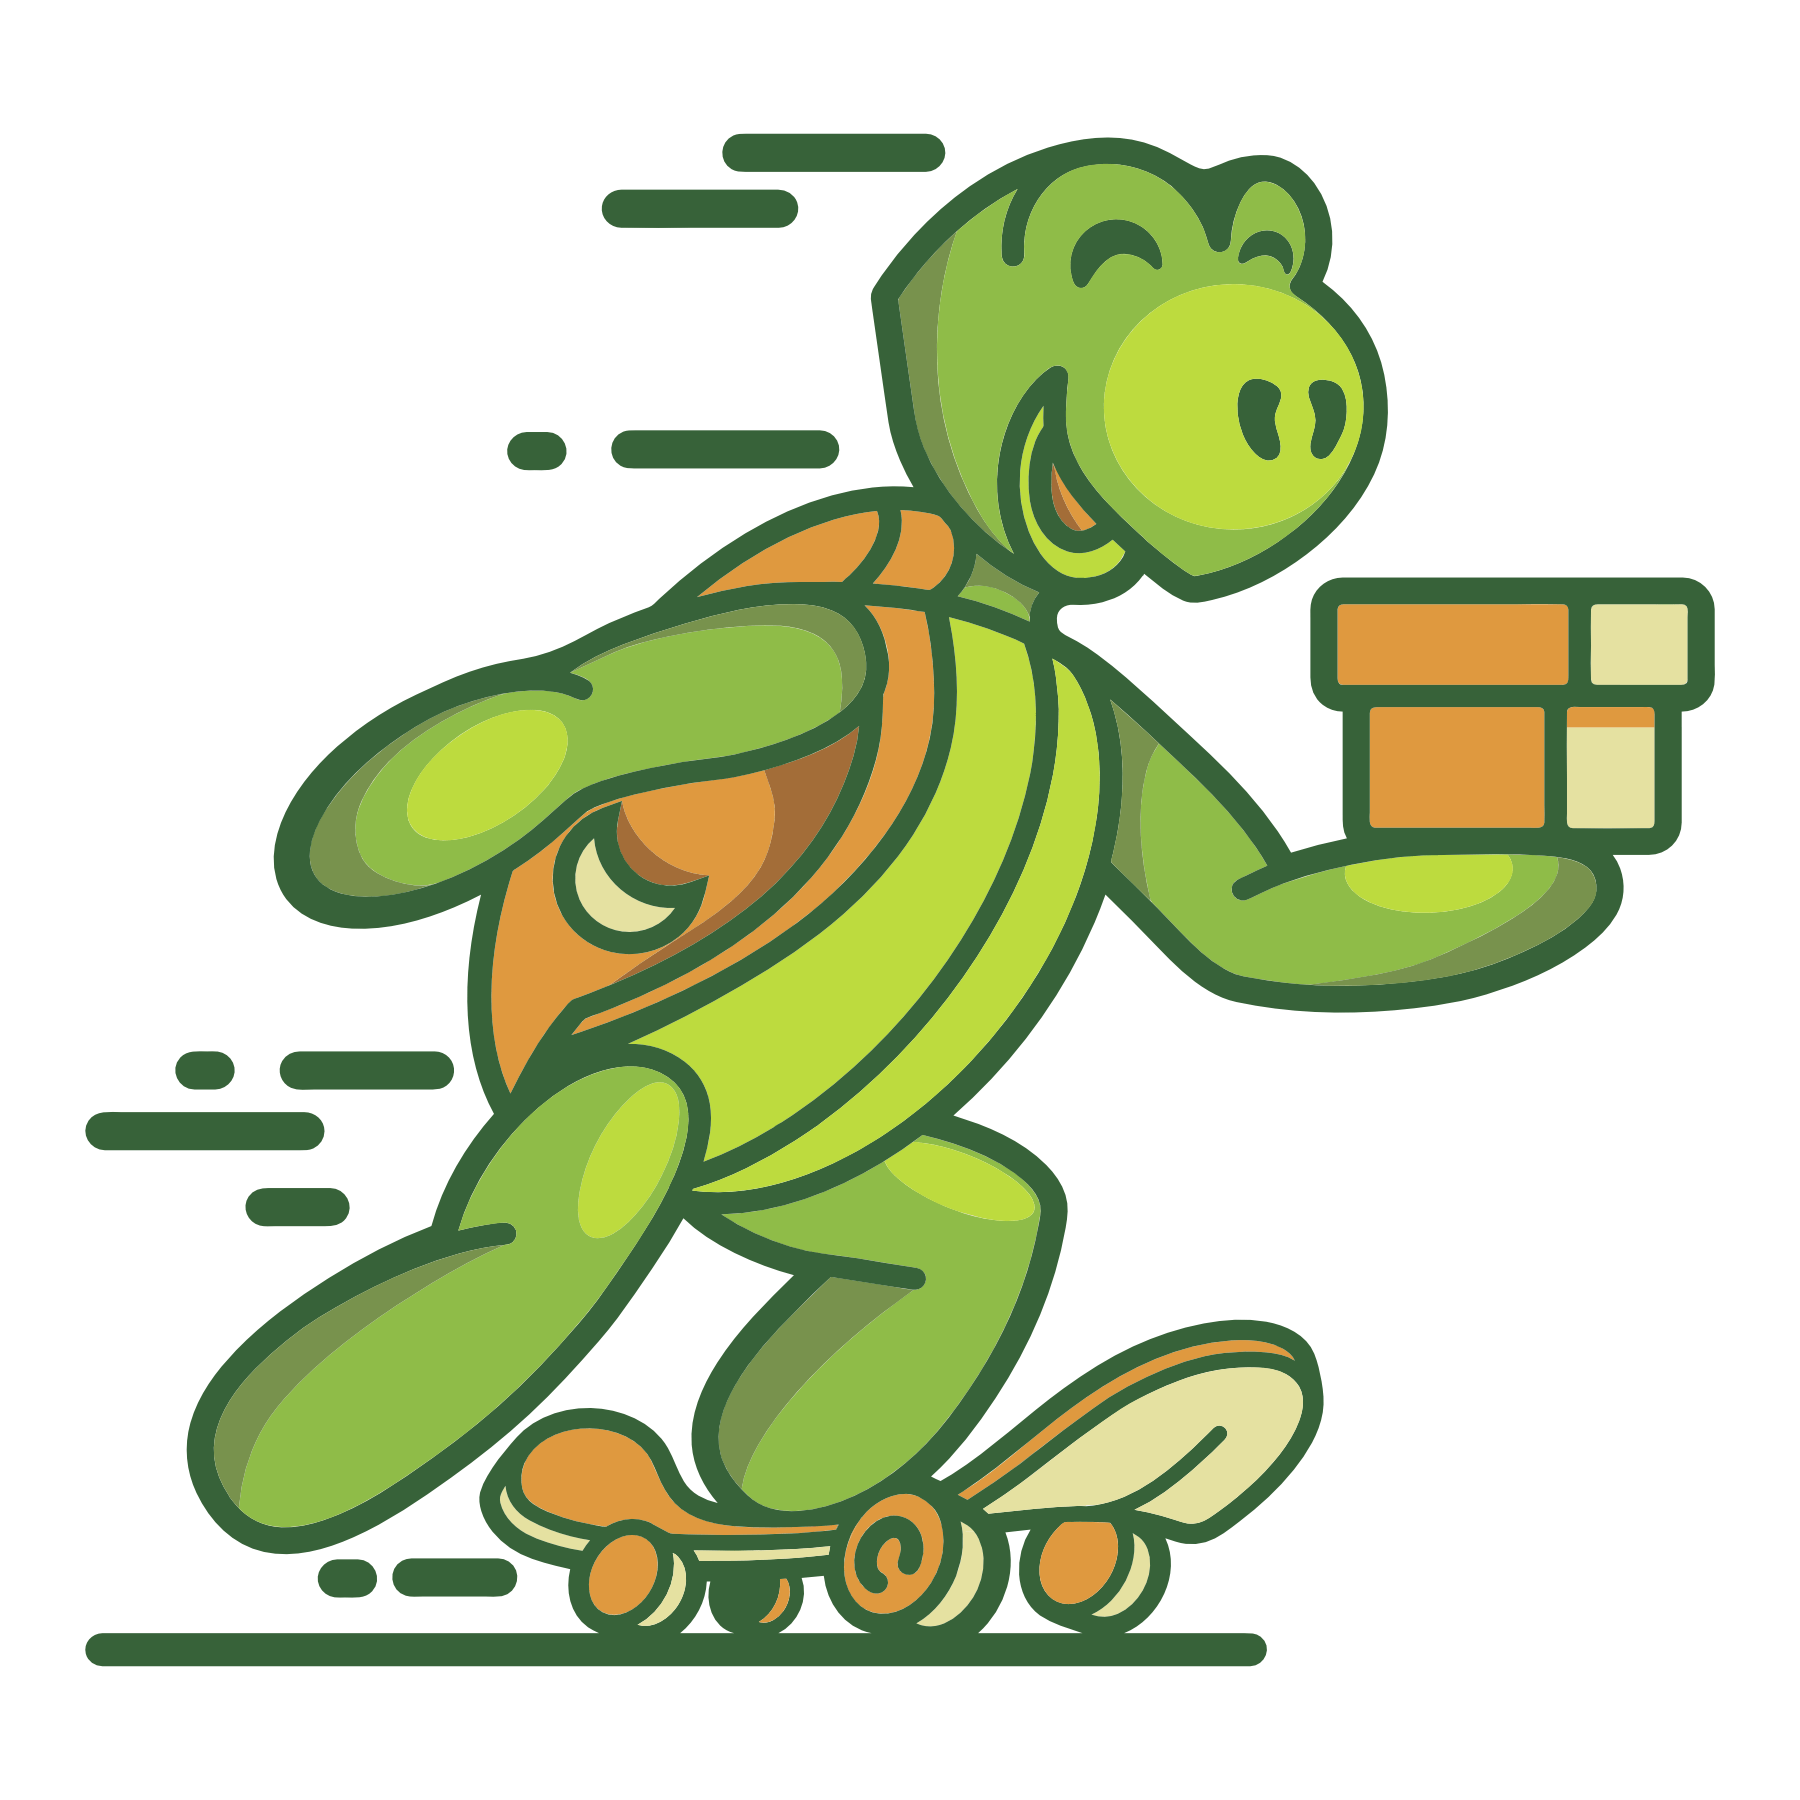 Доставка вещей Опенмонте Сайт Артура Нецветаева — сайты, приложения, прототипы и оформление интерфейсов turtle